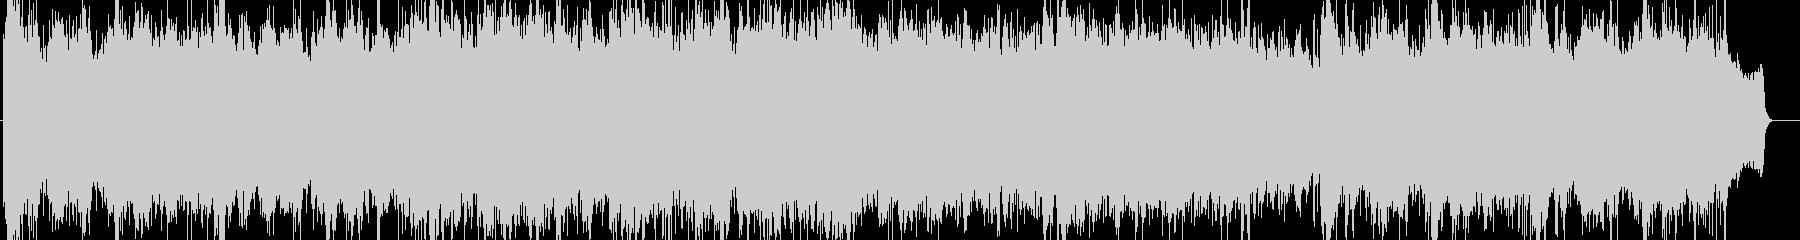 感動的で壮大なオーケストラBGMの未再生の波形